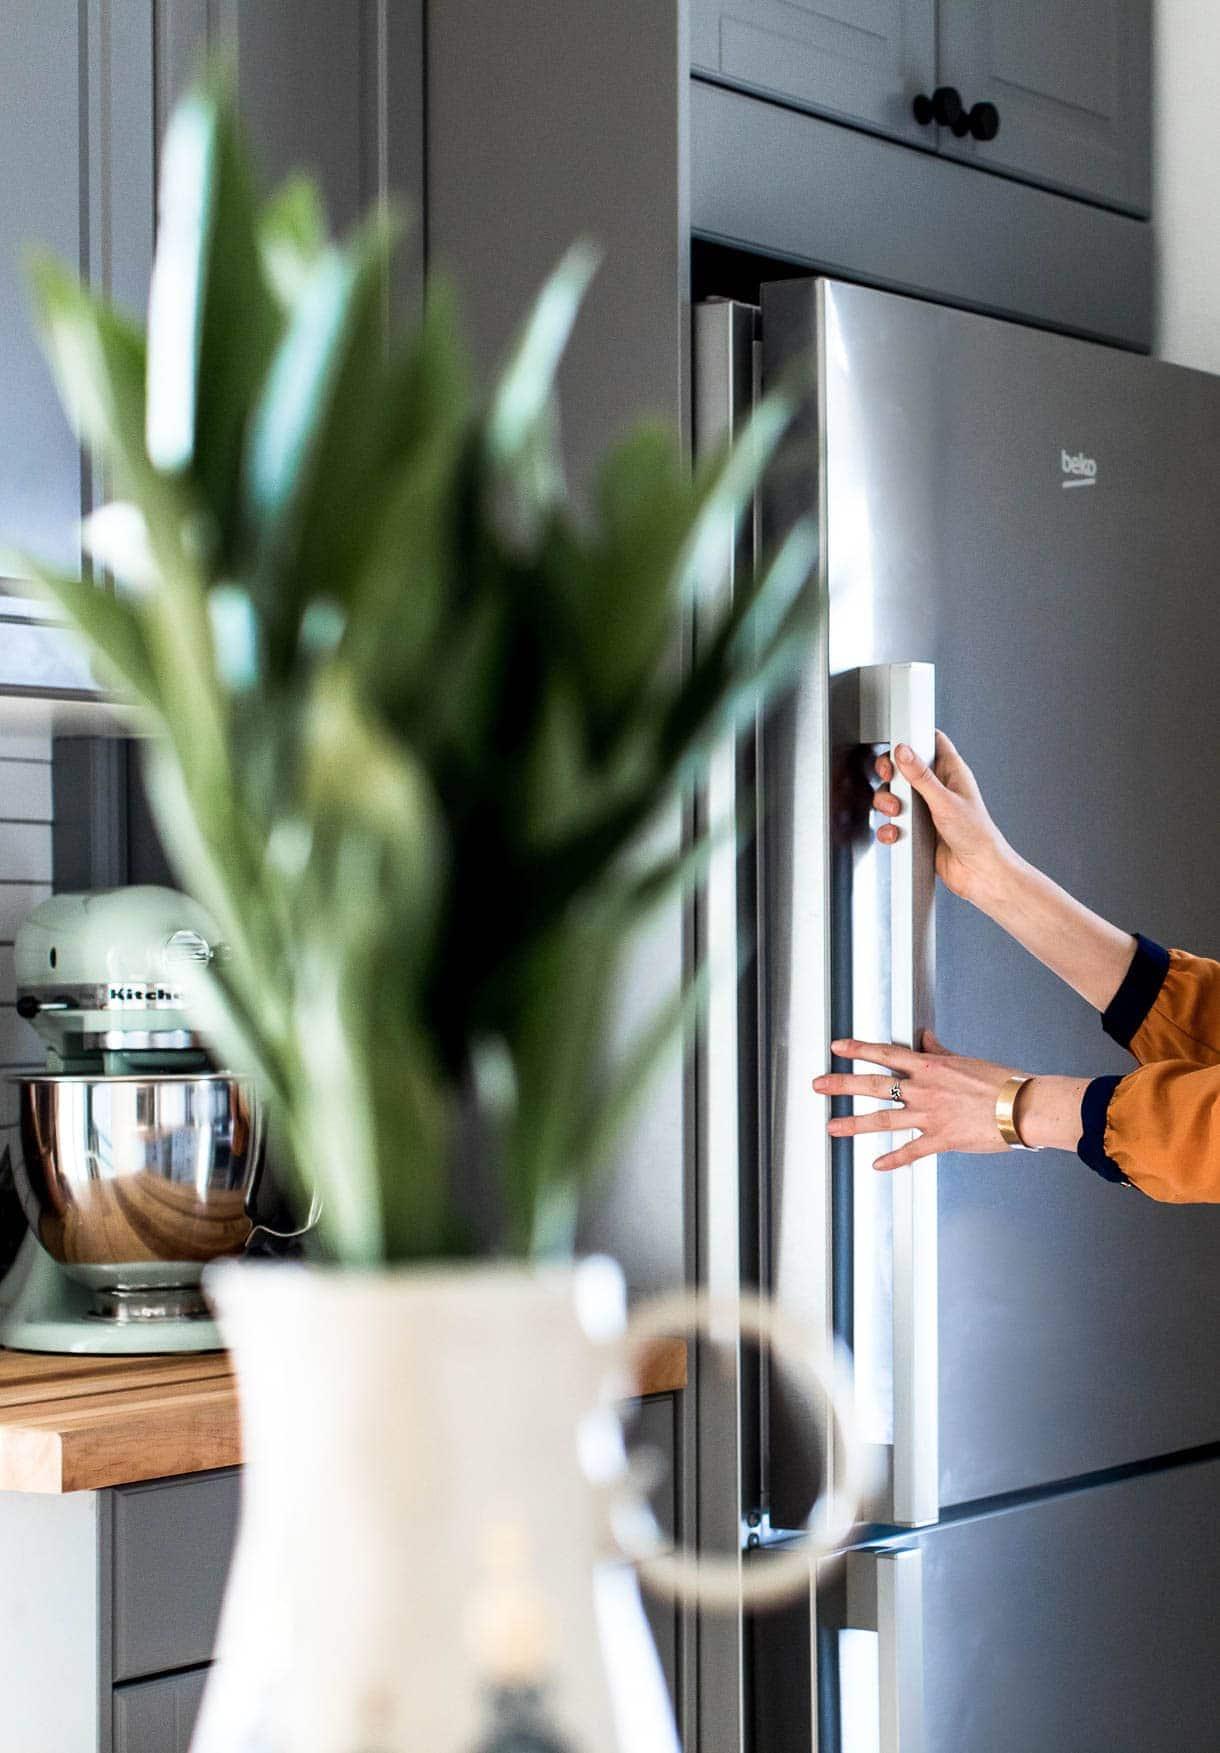 Beko Refrigerator, Kitchen Scene